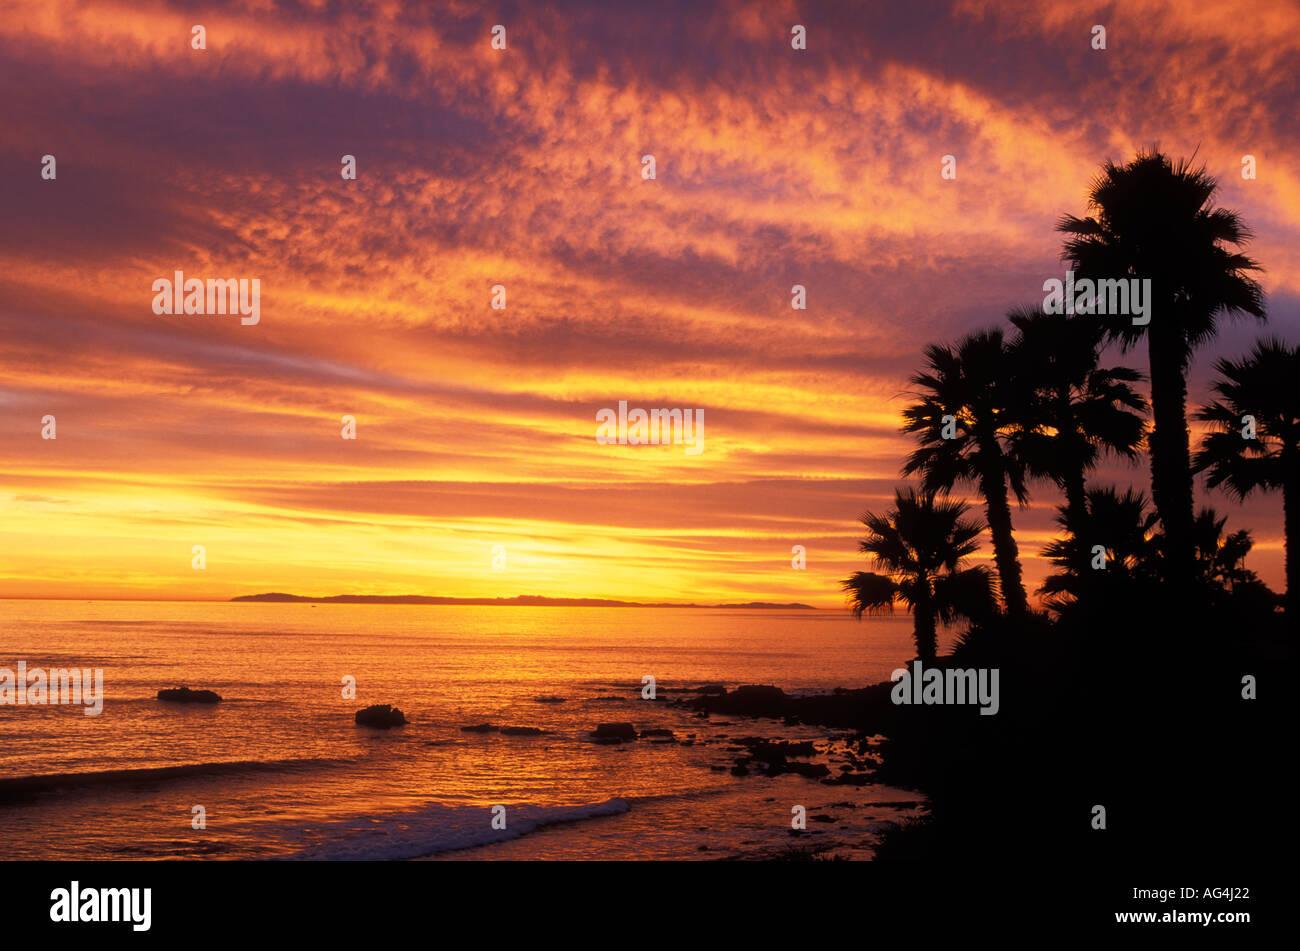 bb24cbb099329 A spectacular sunset at Heisler Park Laguna Beach California Stock ...